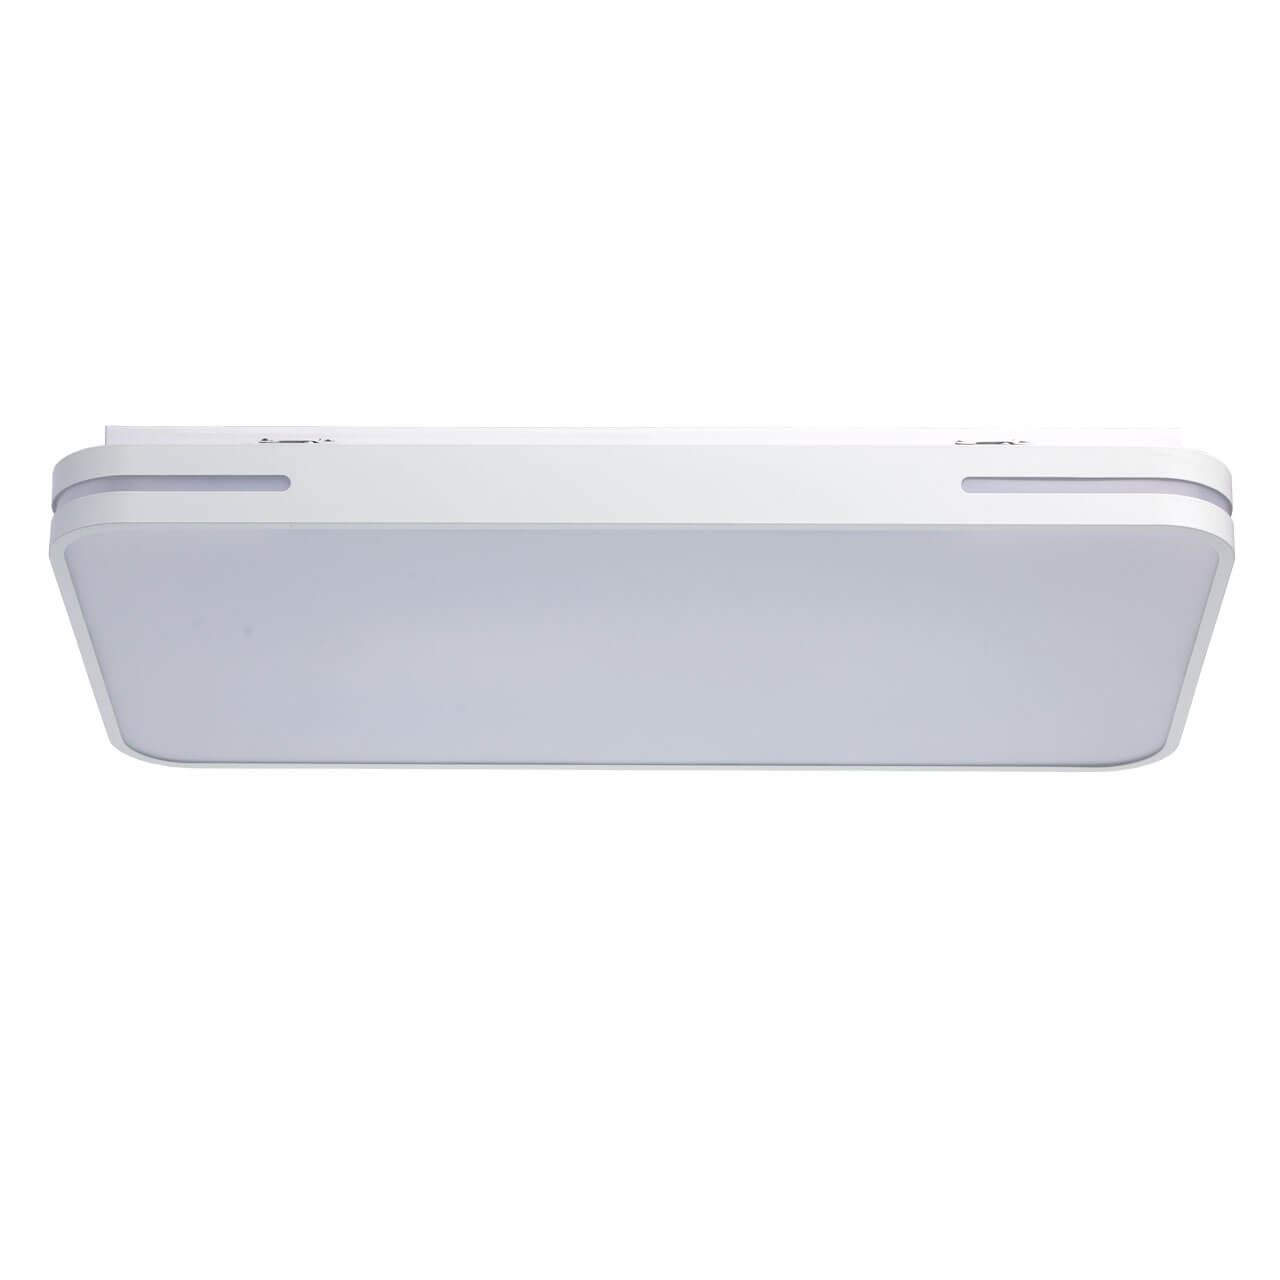 Потолочный светильник MW-Light 674012801, LED, 60 Вт потолочный светодиодный светильник de markt ривз 674012101